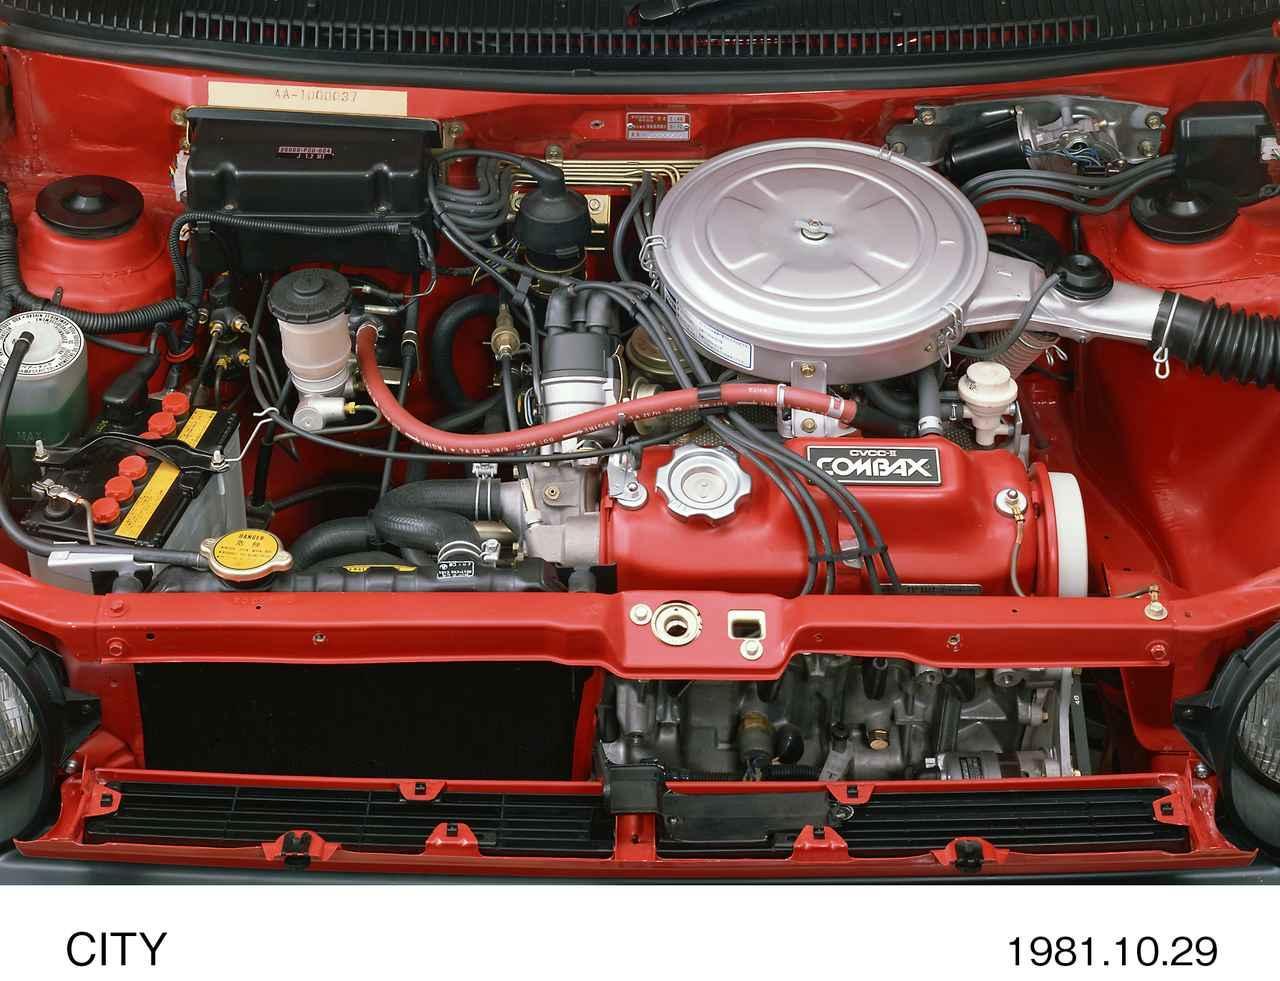 画像5: ホンダ製エンジンの肝はボア×ストロークにある【ホンダ偏愛主義vol.48】